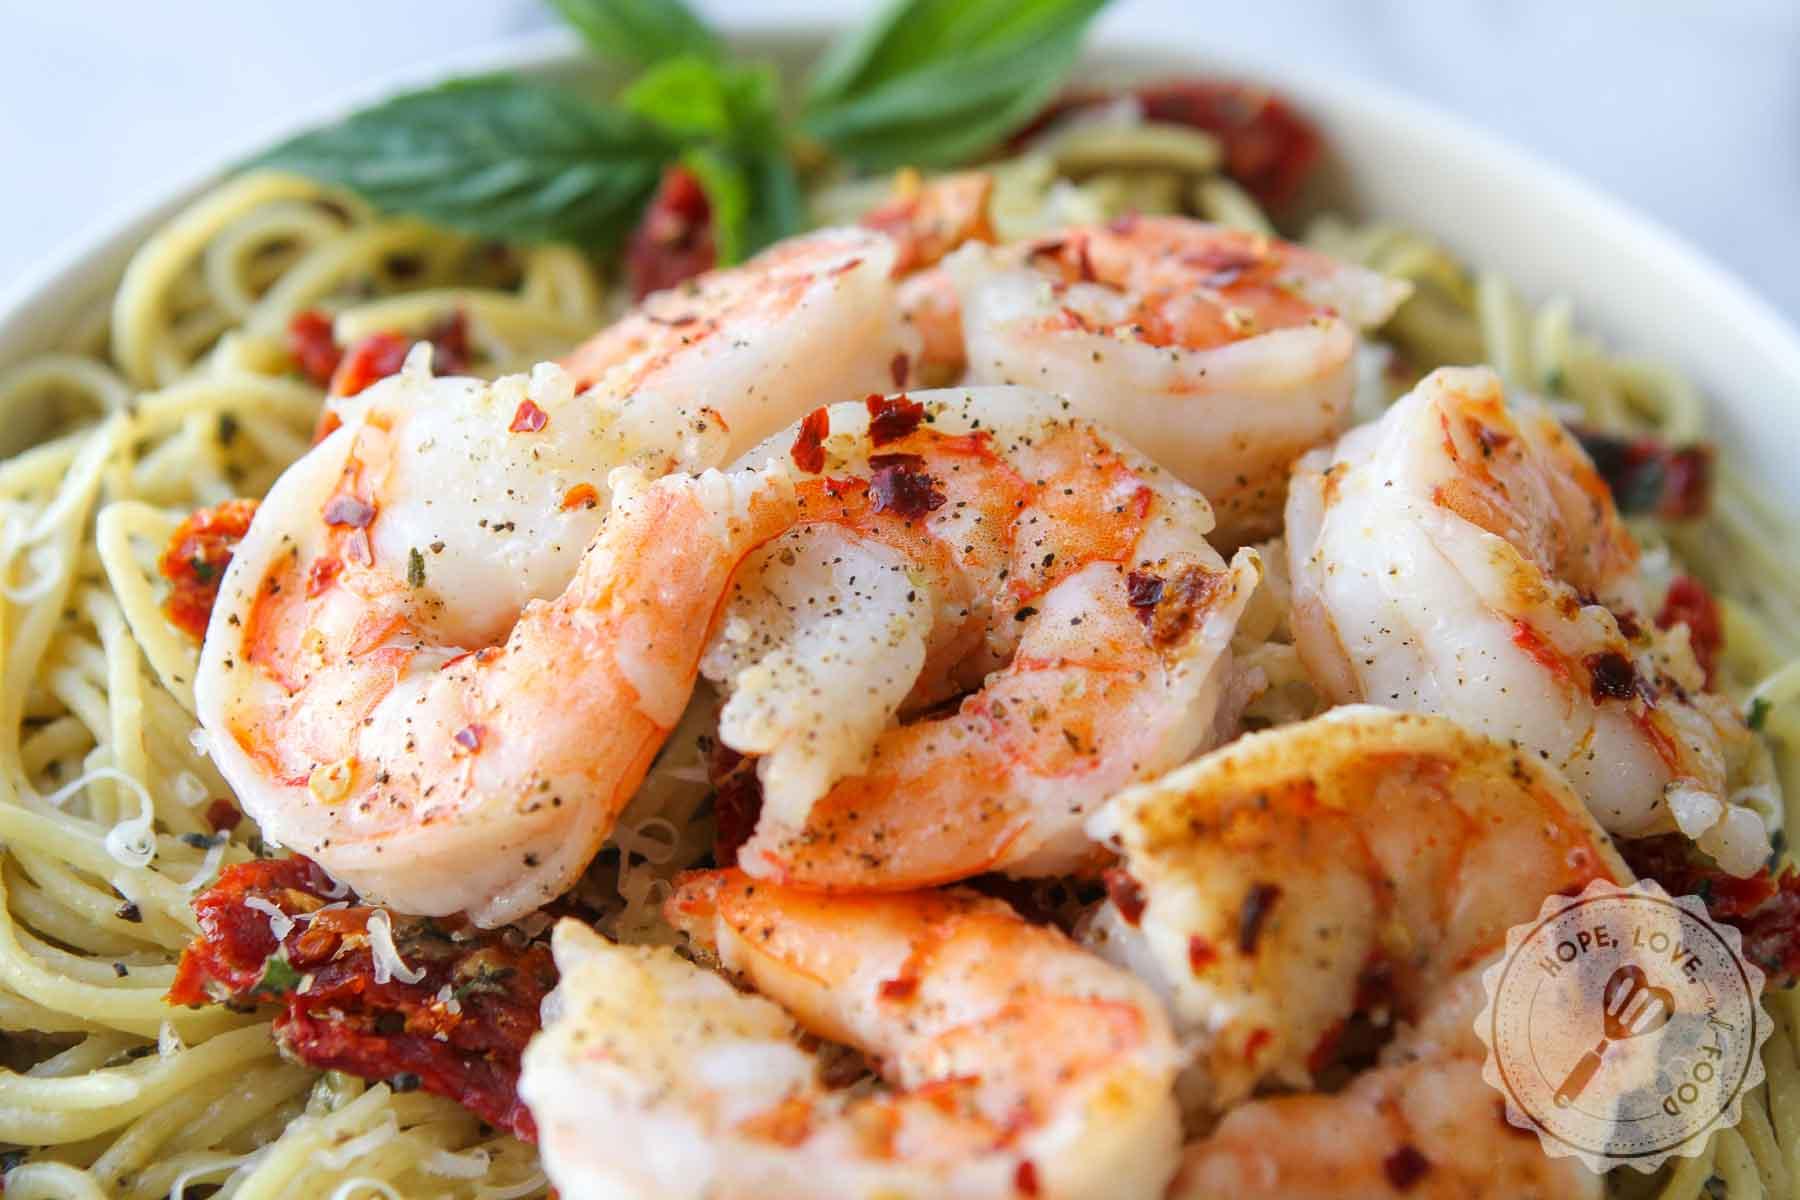 Shrimp on garlic pasta.